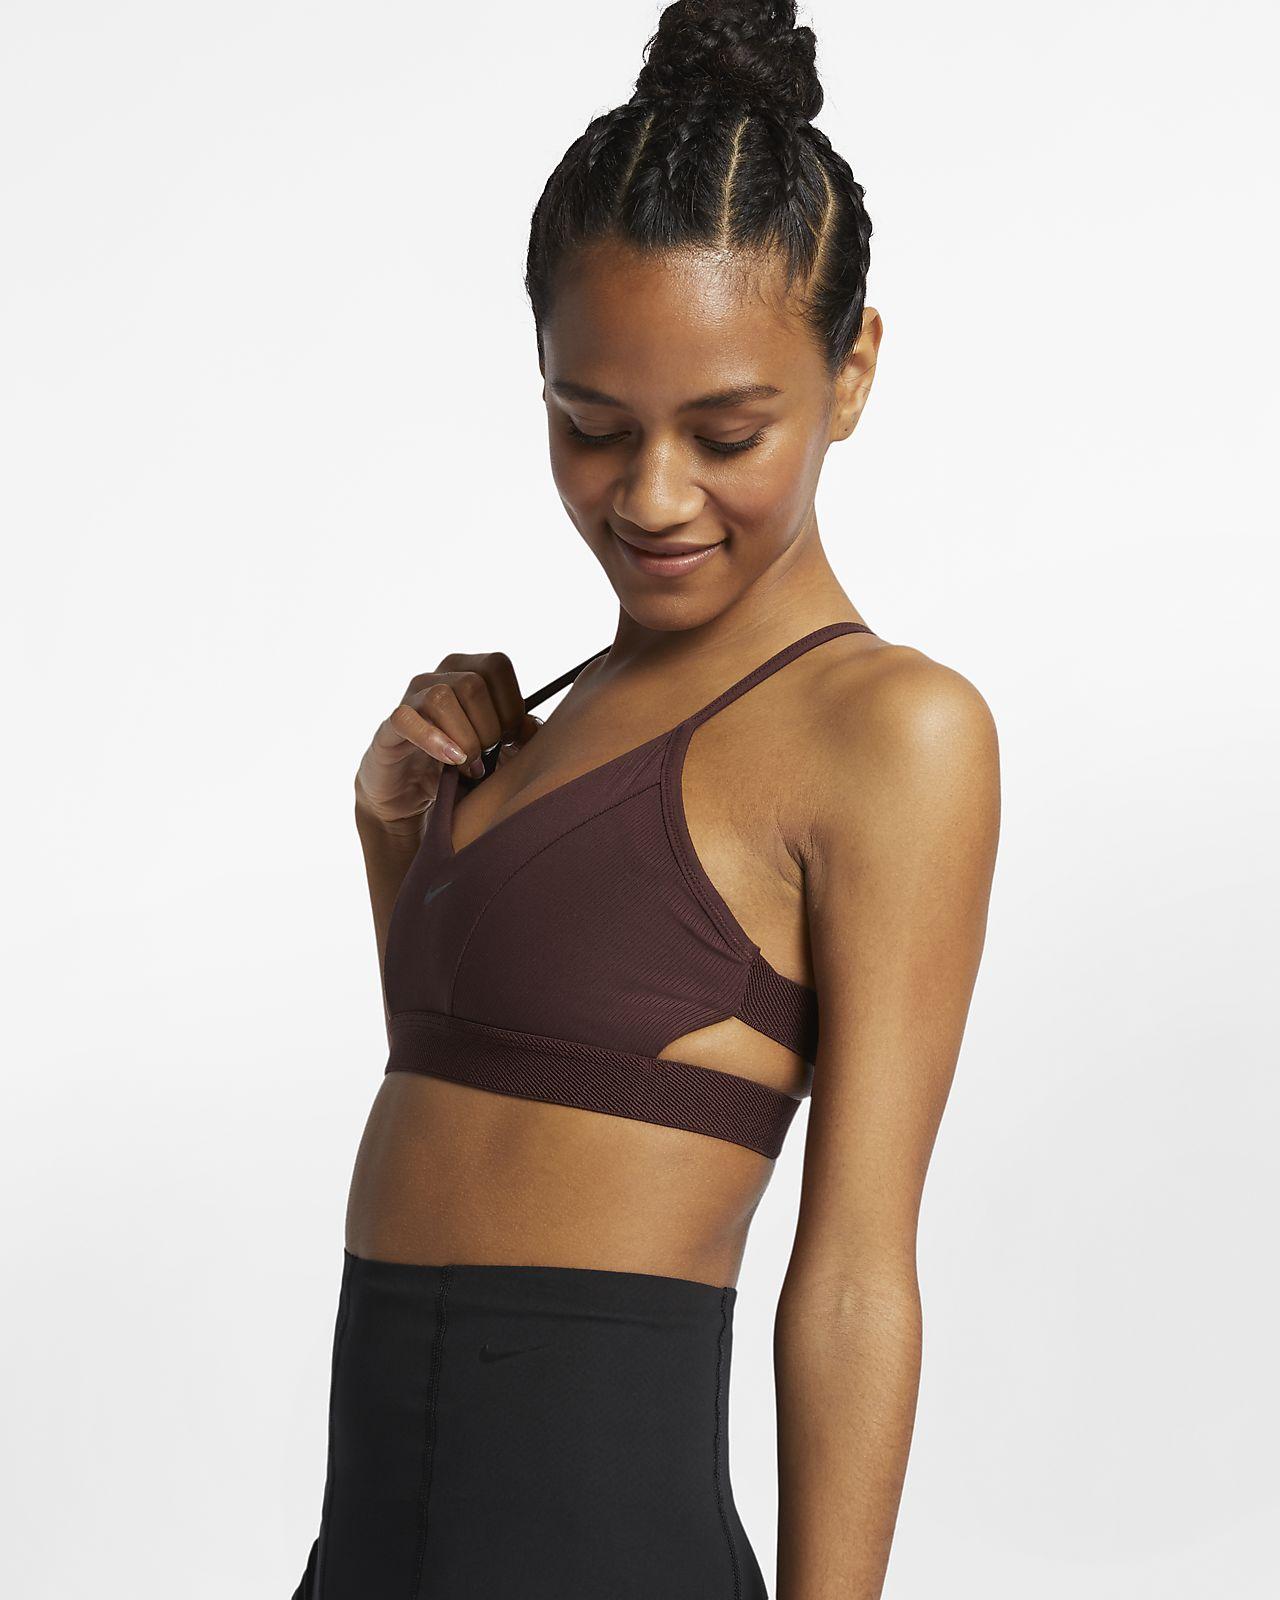 brassiere-de-yoga-a-maintien-leger-cotelee-indy-pour-3gQxhL.jpg 8f40921f70a